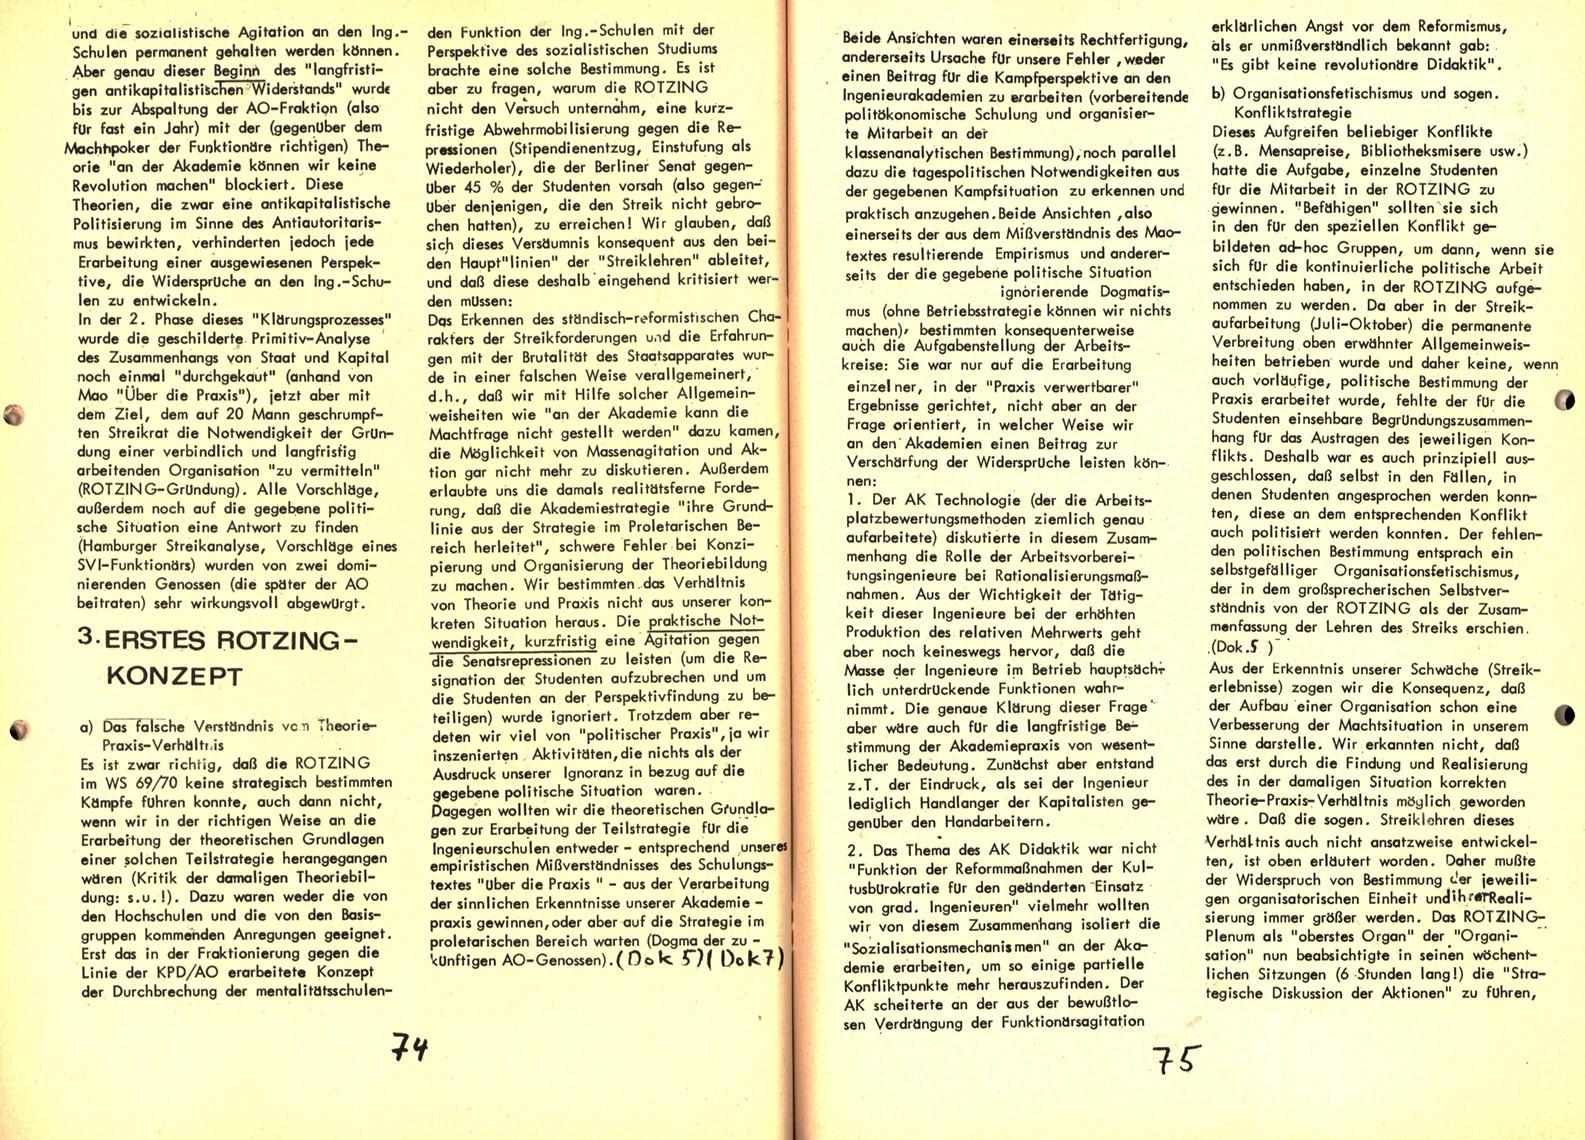 Berlin_Rotzing_1971_Kampfbericht_38